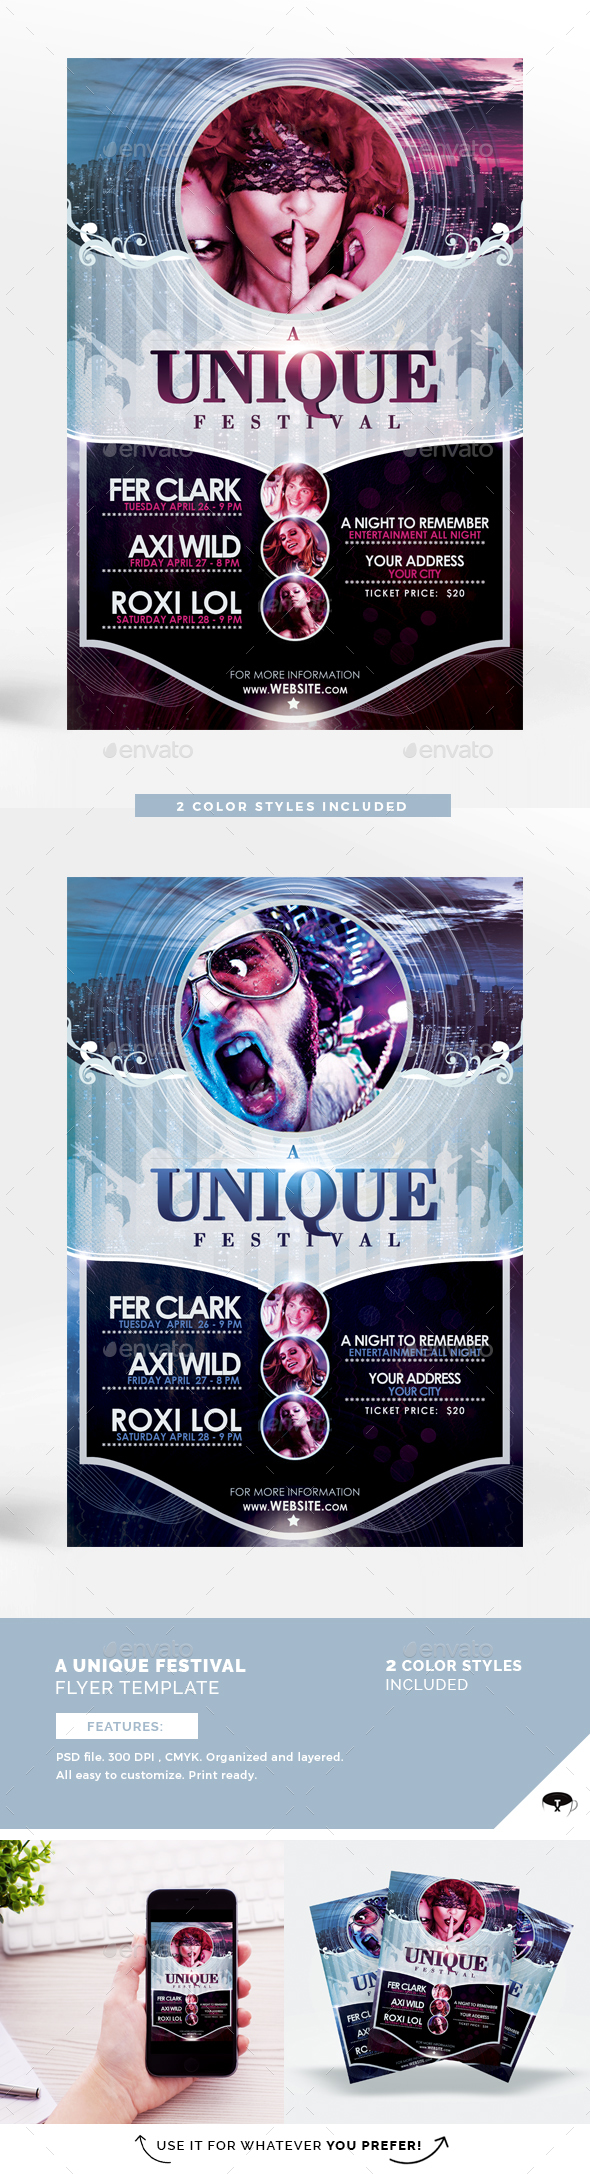 A Unique Festival Flyer Template - Clubs & Parties Events